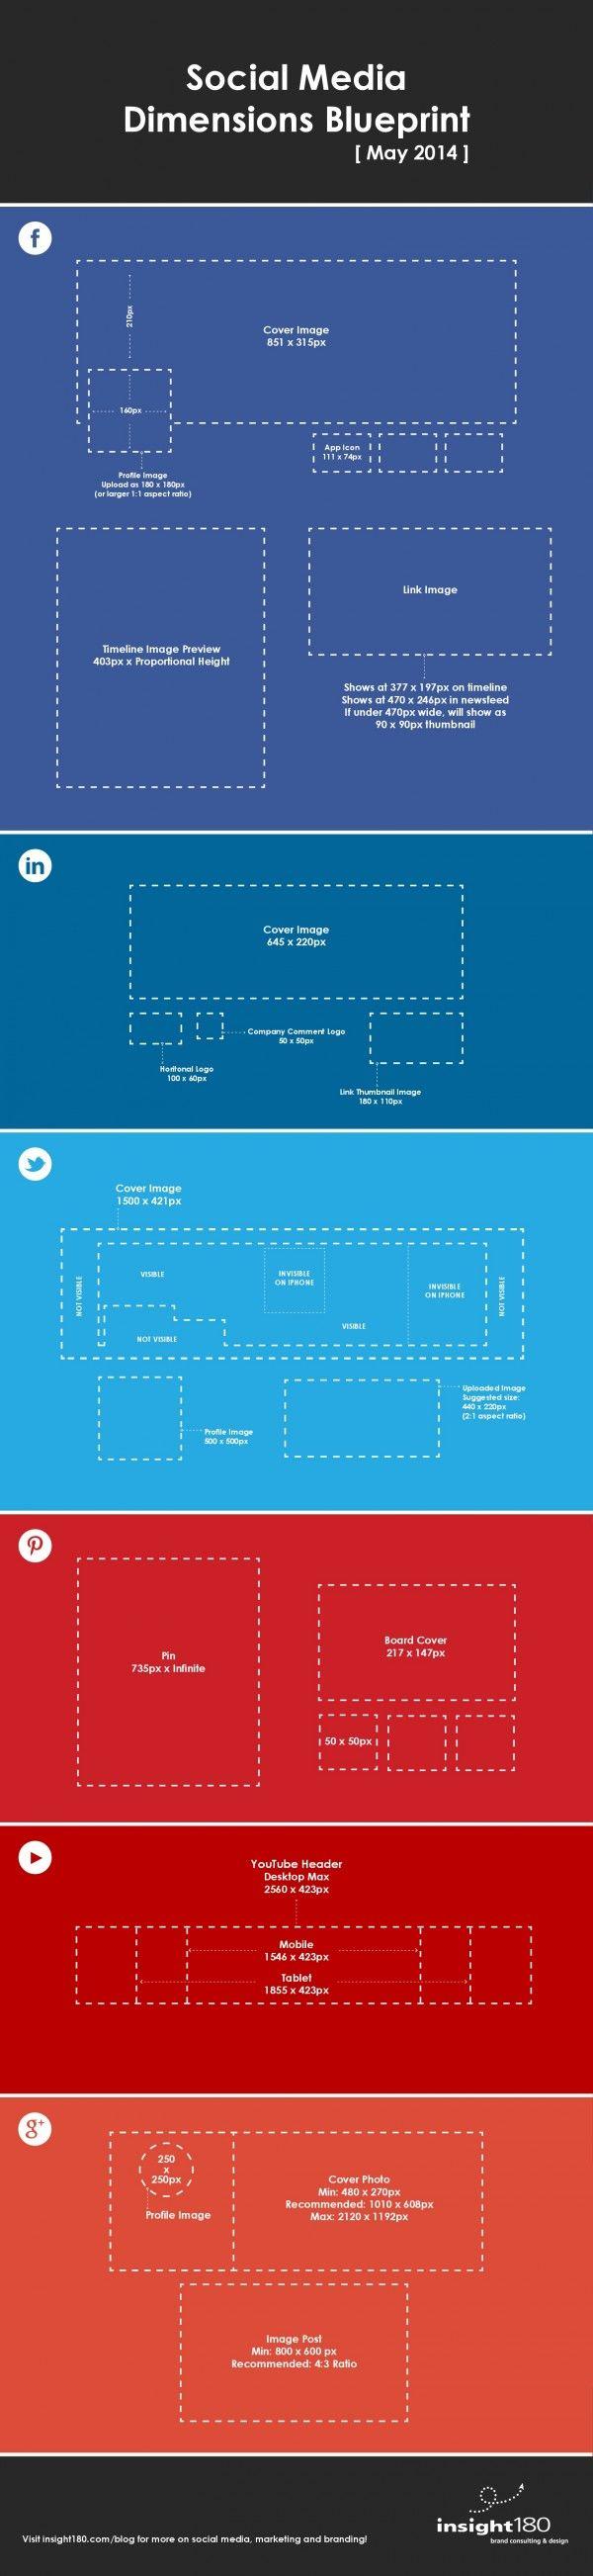 Dimensiones en las redes sociales. Infografía en inglés. #CommunityManager